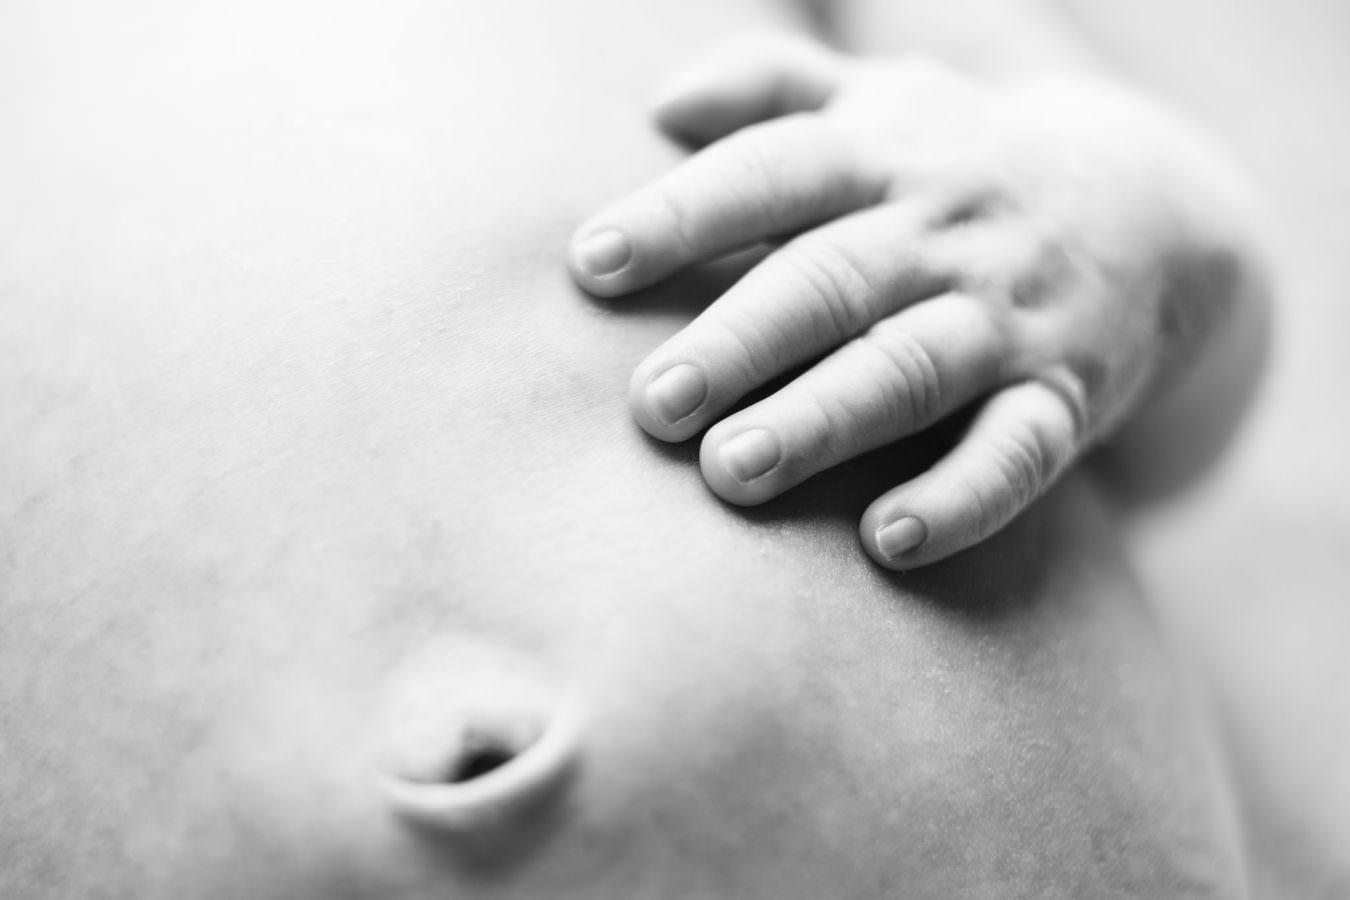 Baby Fotoshooting in Schwarzweiss mit der Hand auf dem Bauch liegend als Detailaufnahme